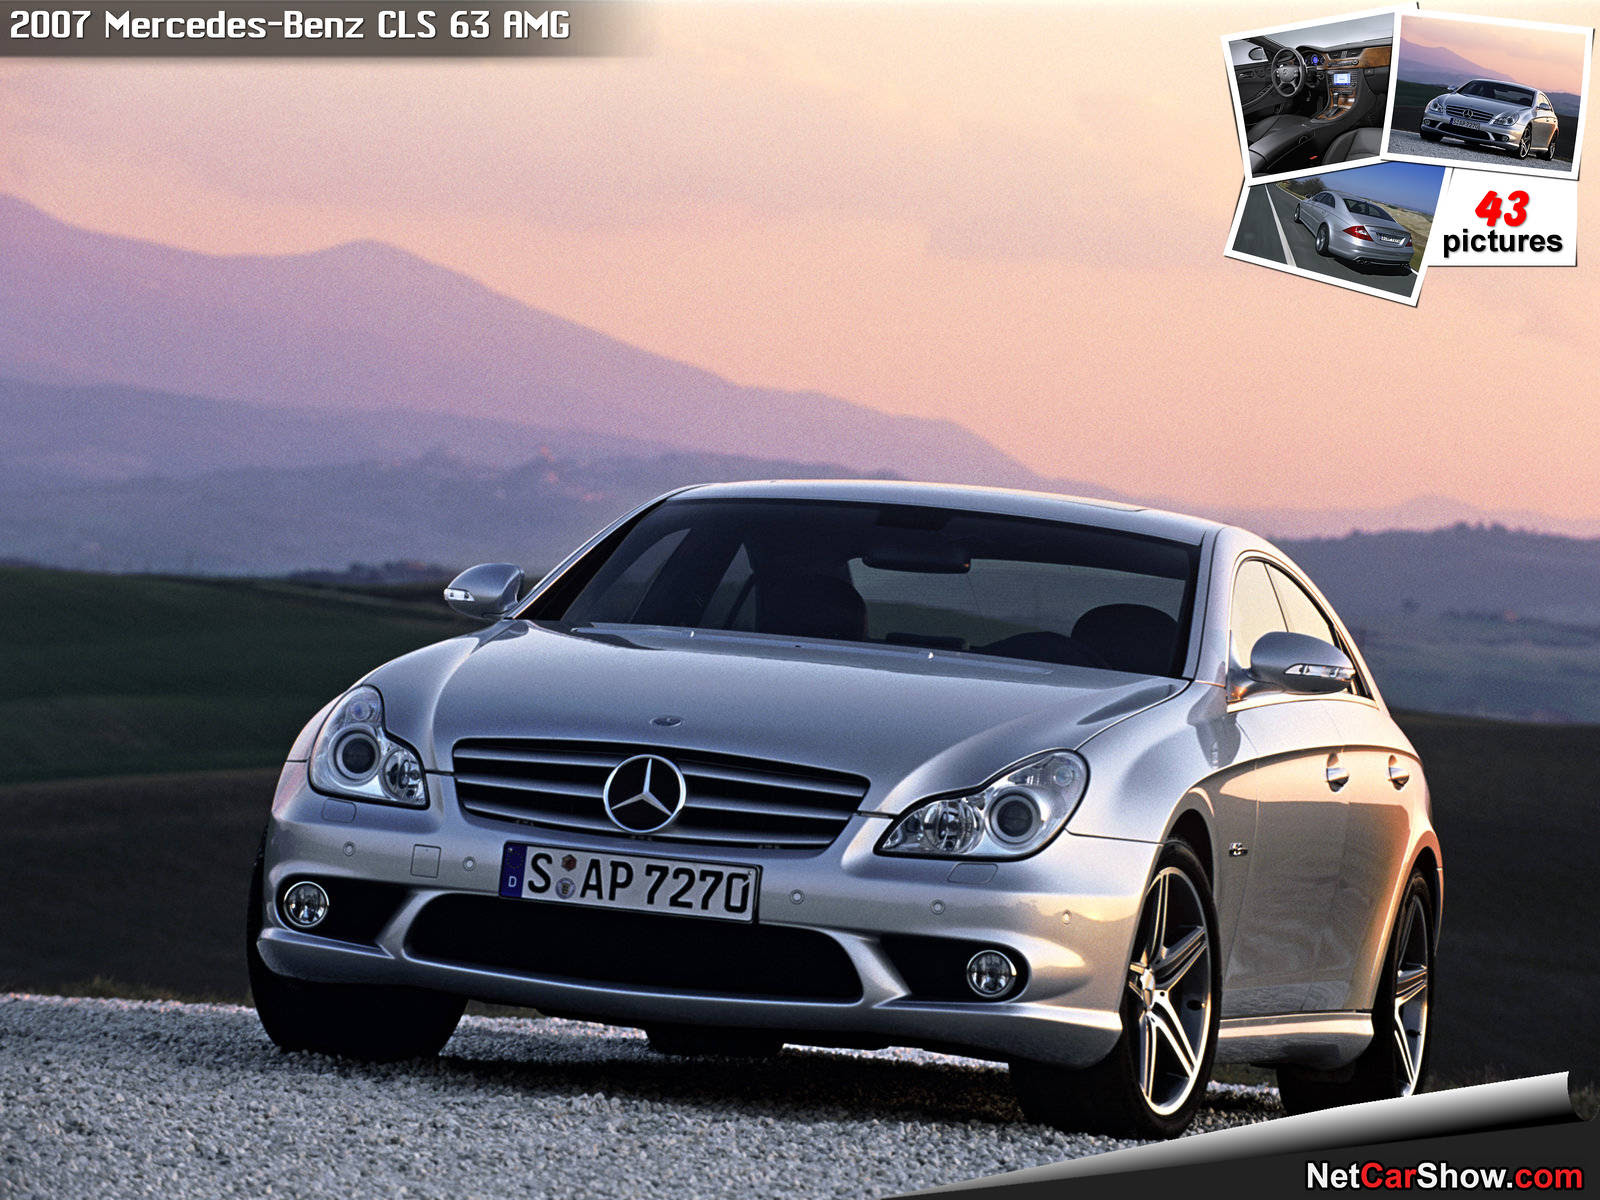 Mercedes-Benz CLS 63 AMG (2007)